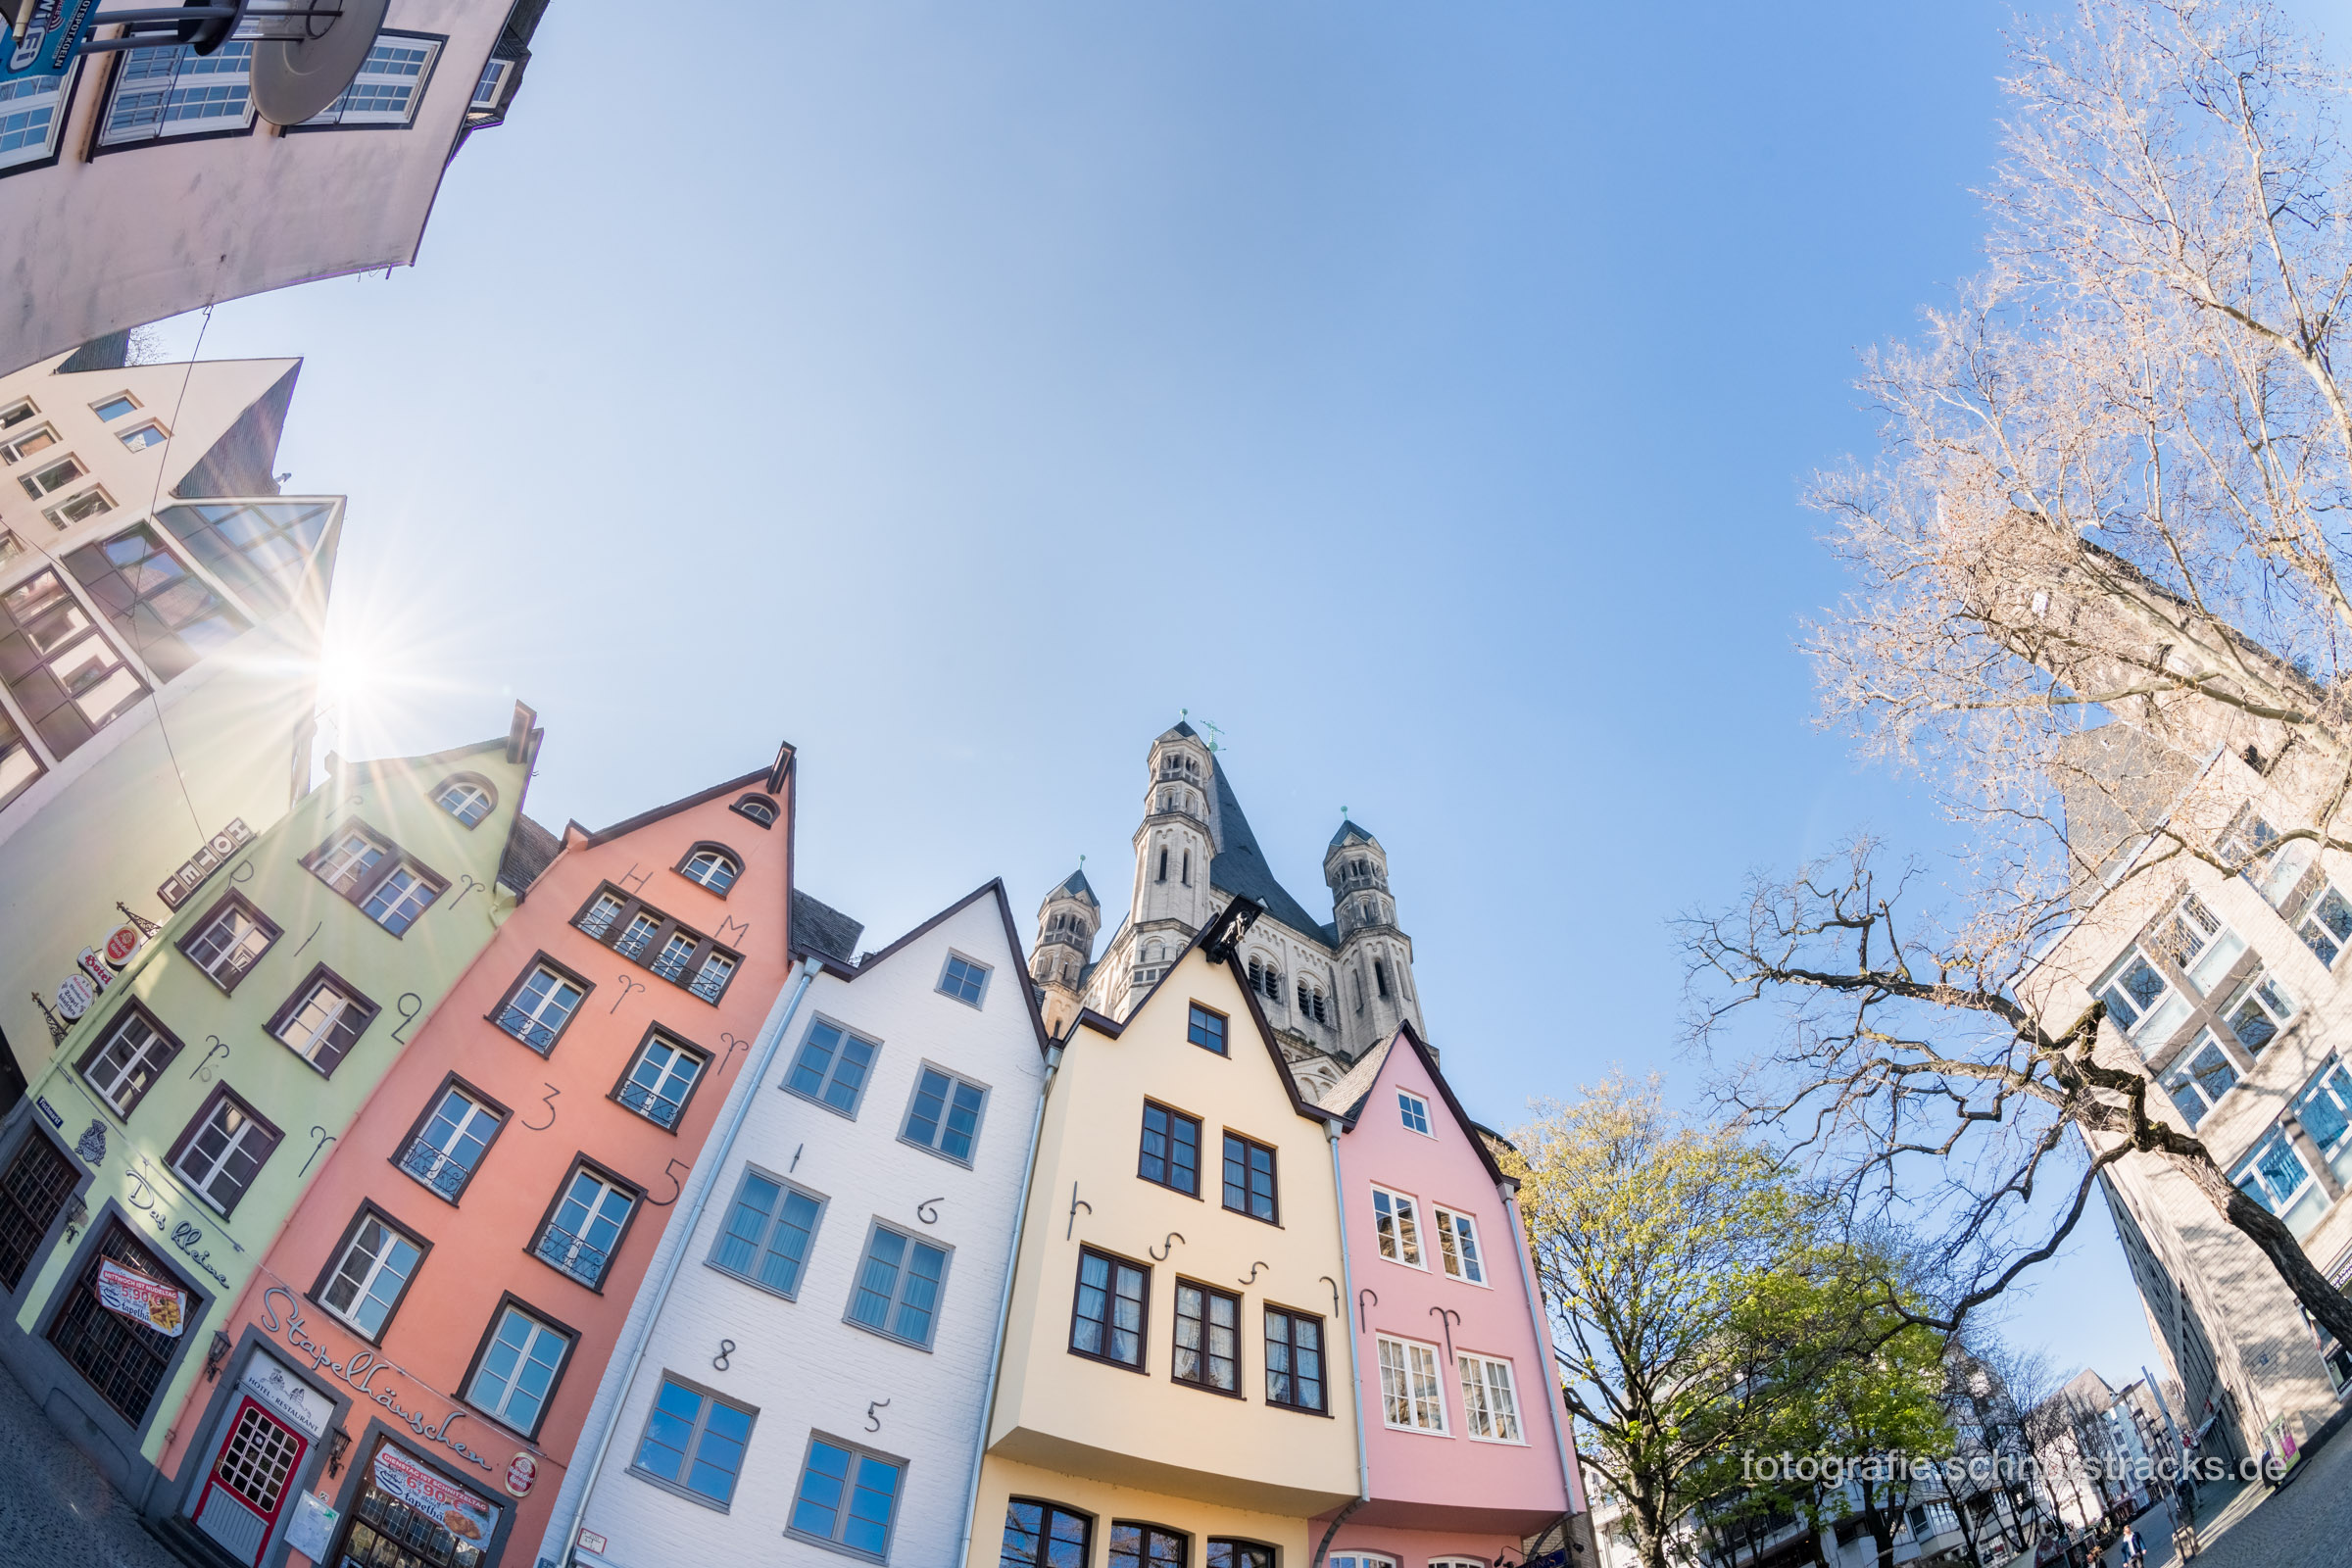 Stapelhäuser Köln #2094